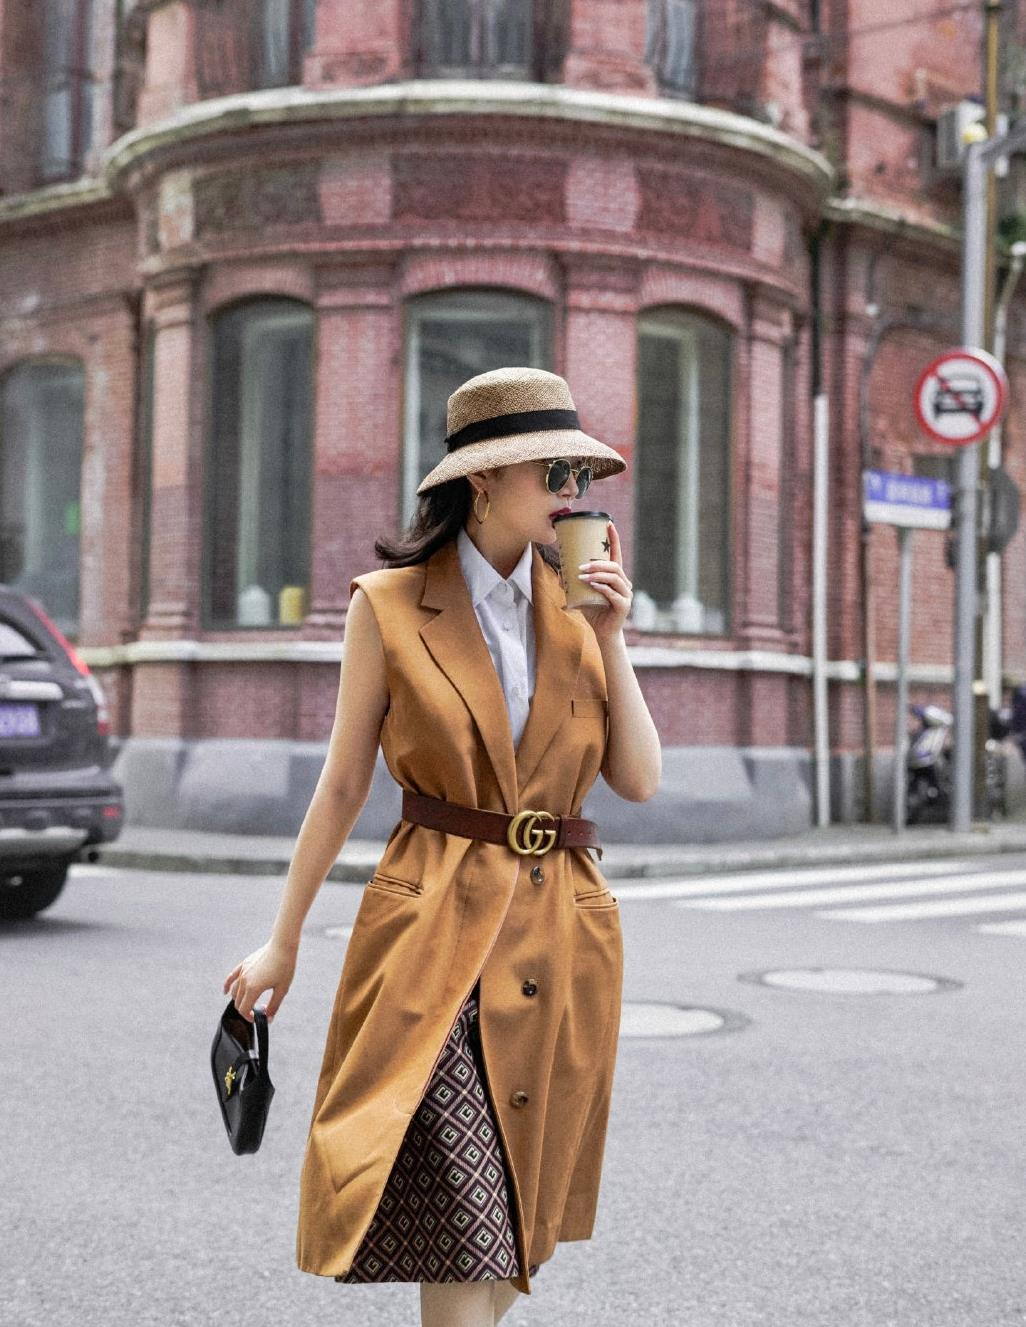 三木衣品超赞,不仅把自己打扮得很美,还带着她妈妈玩转时尚